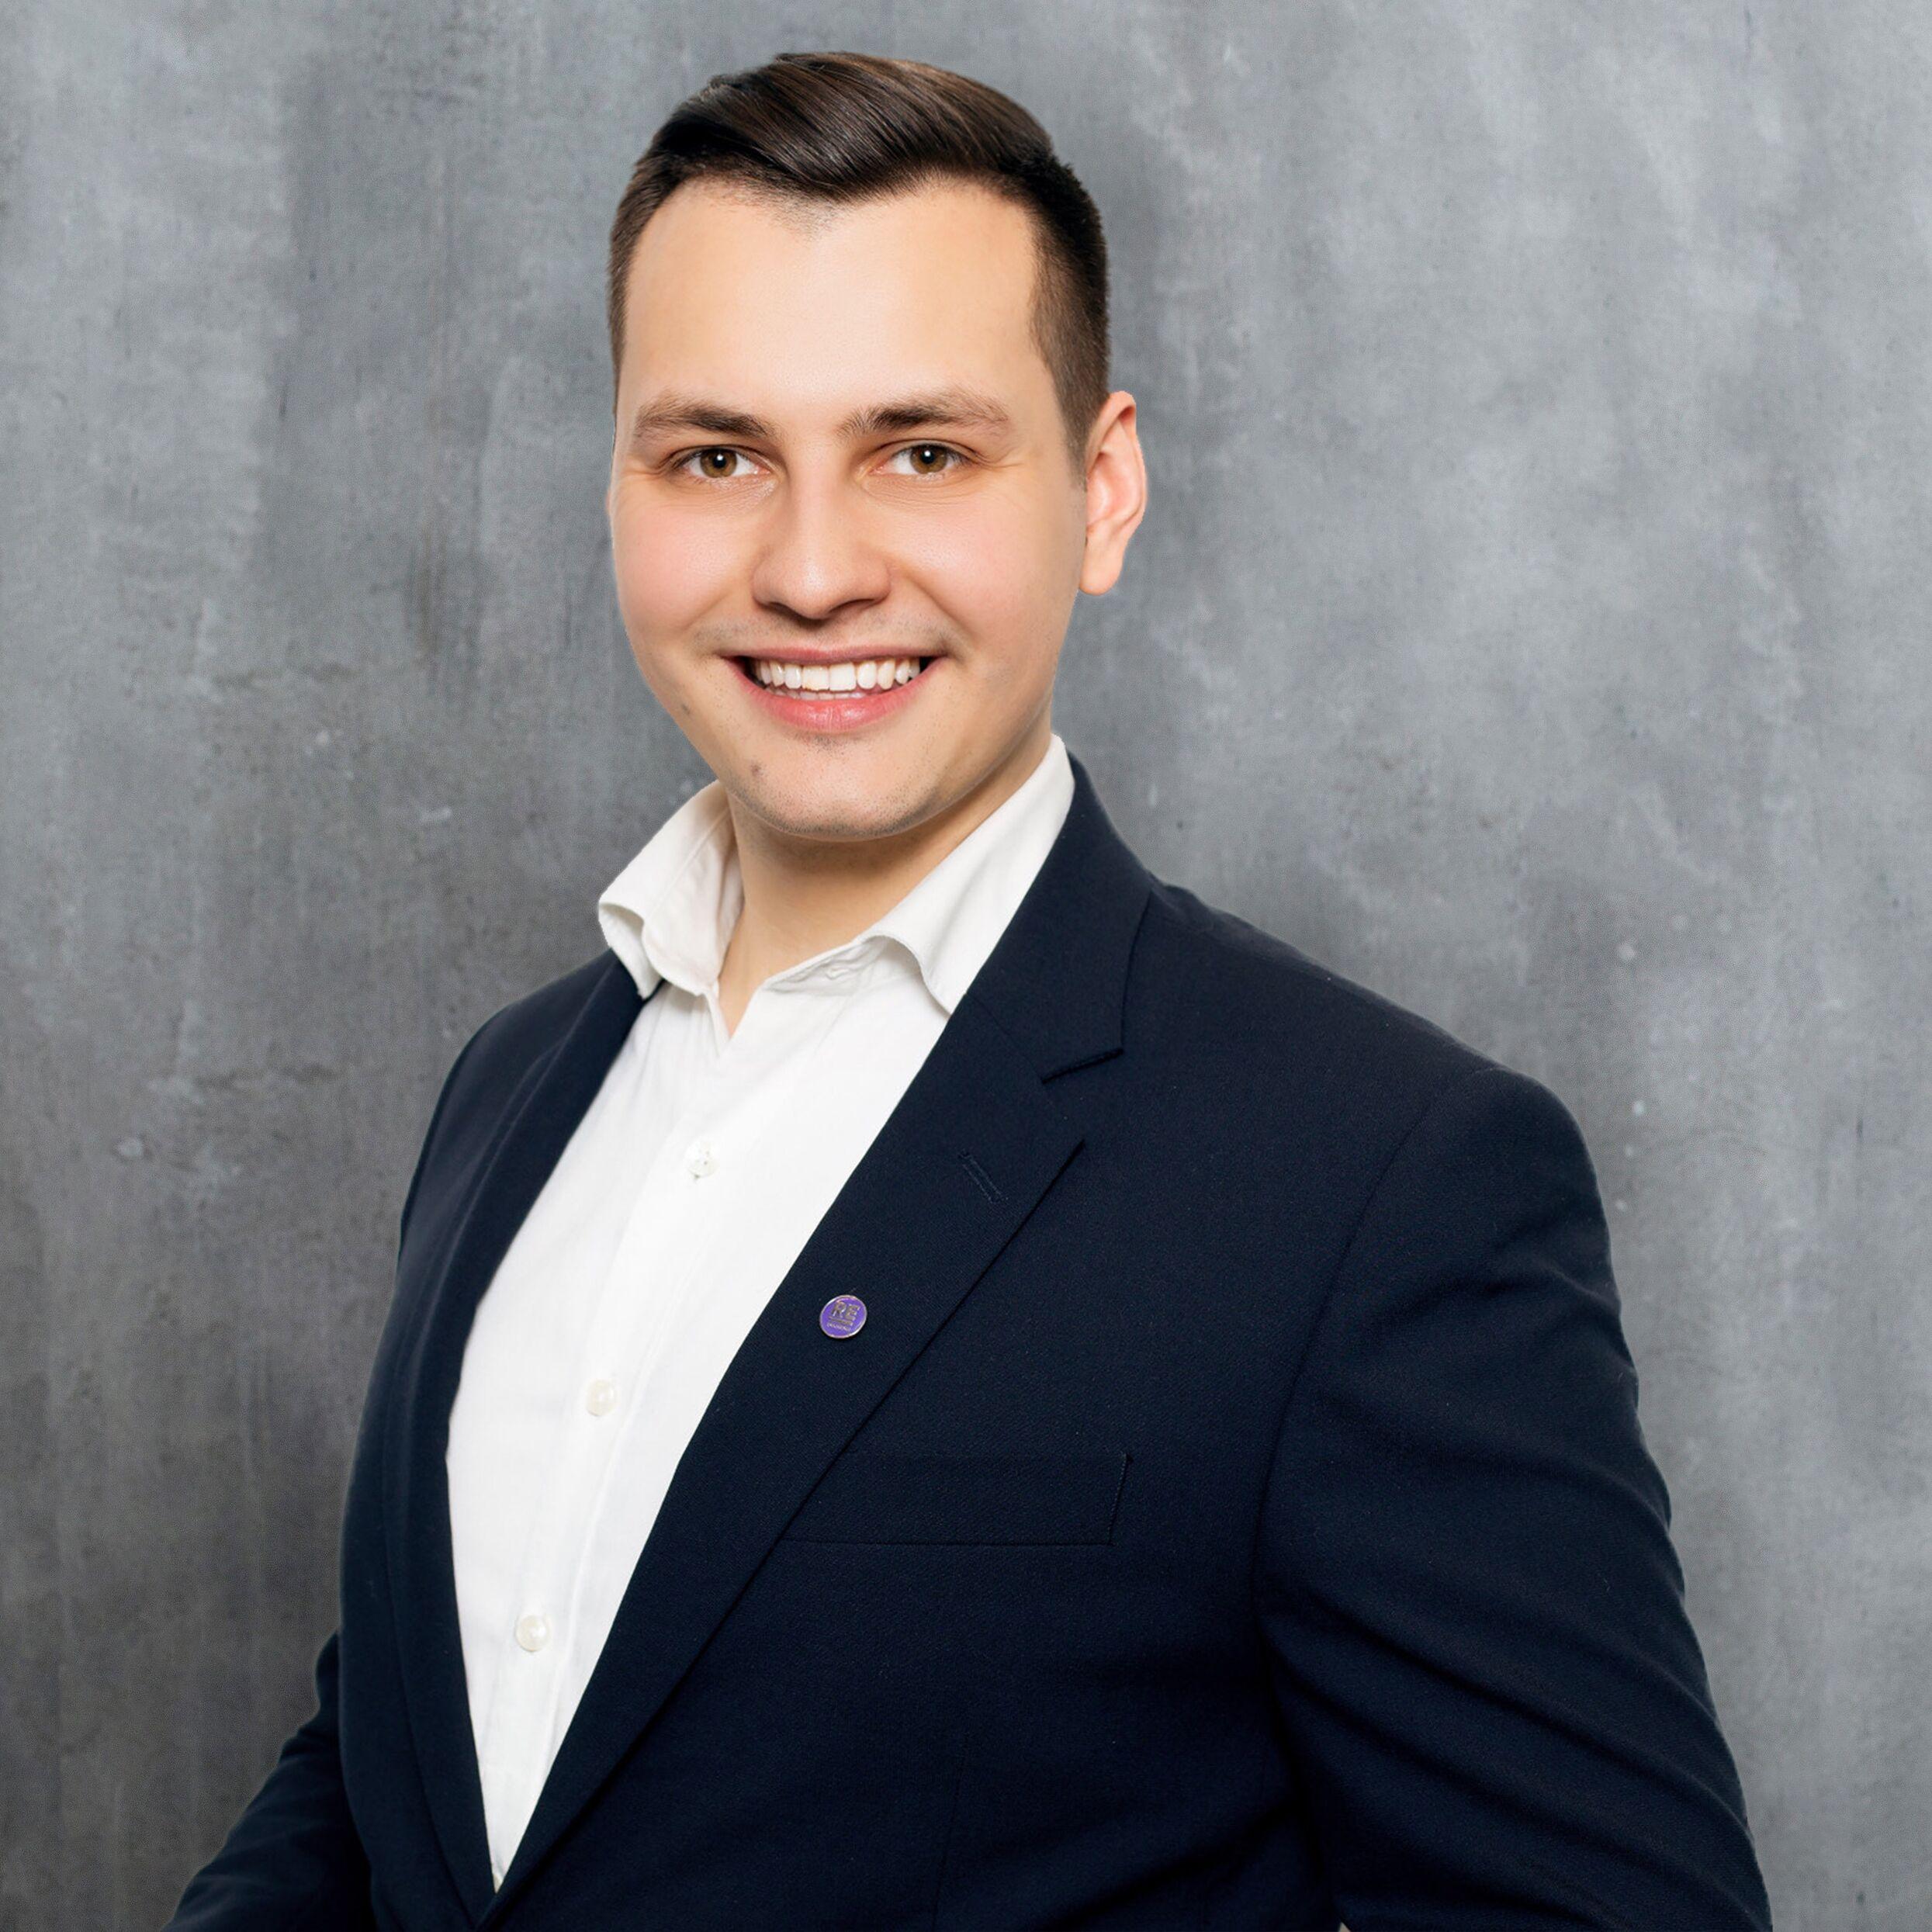 Danielius Bogovecas